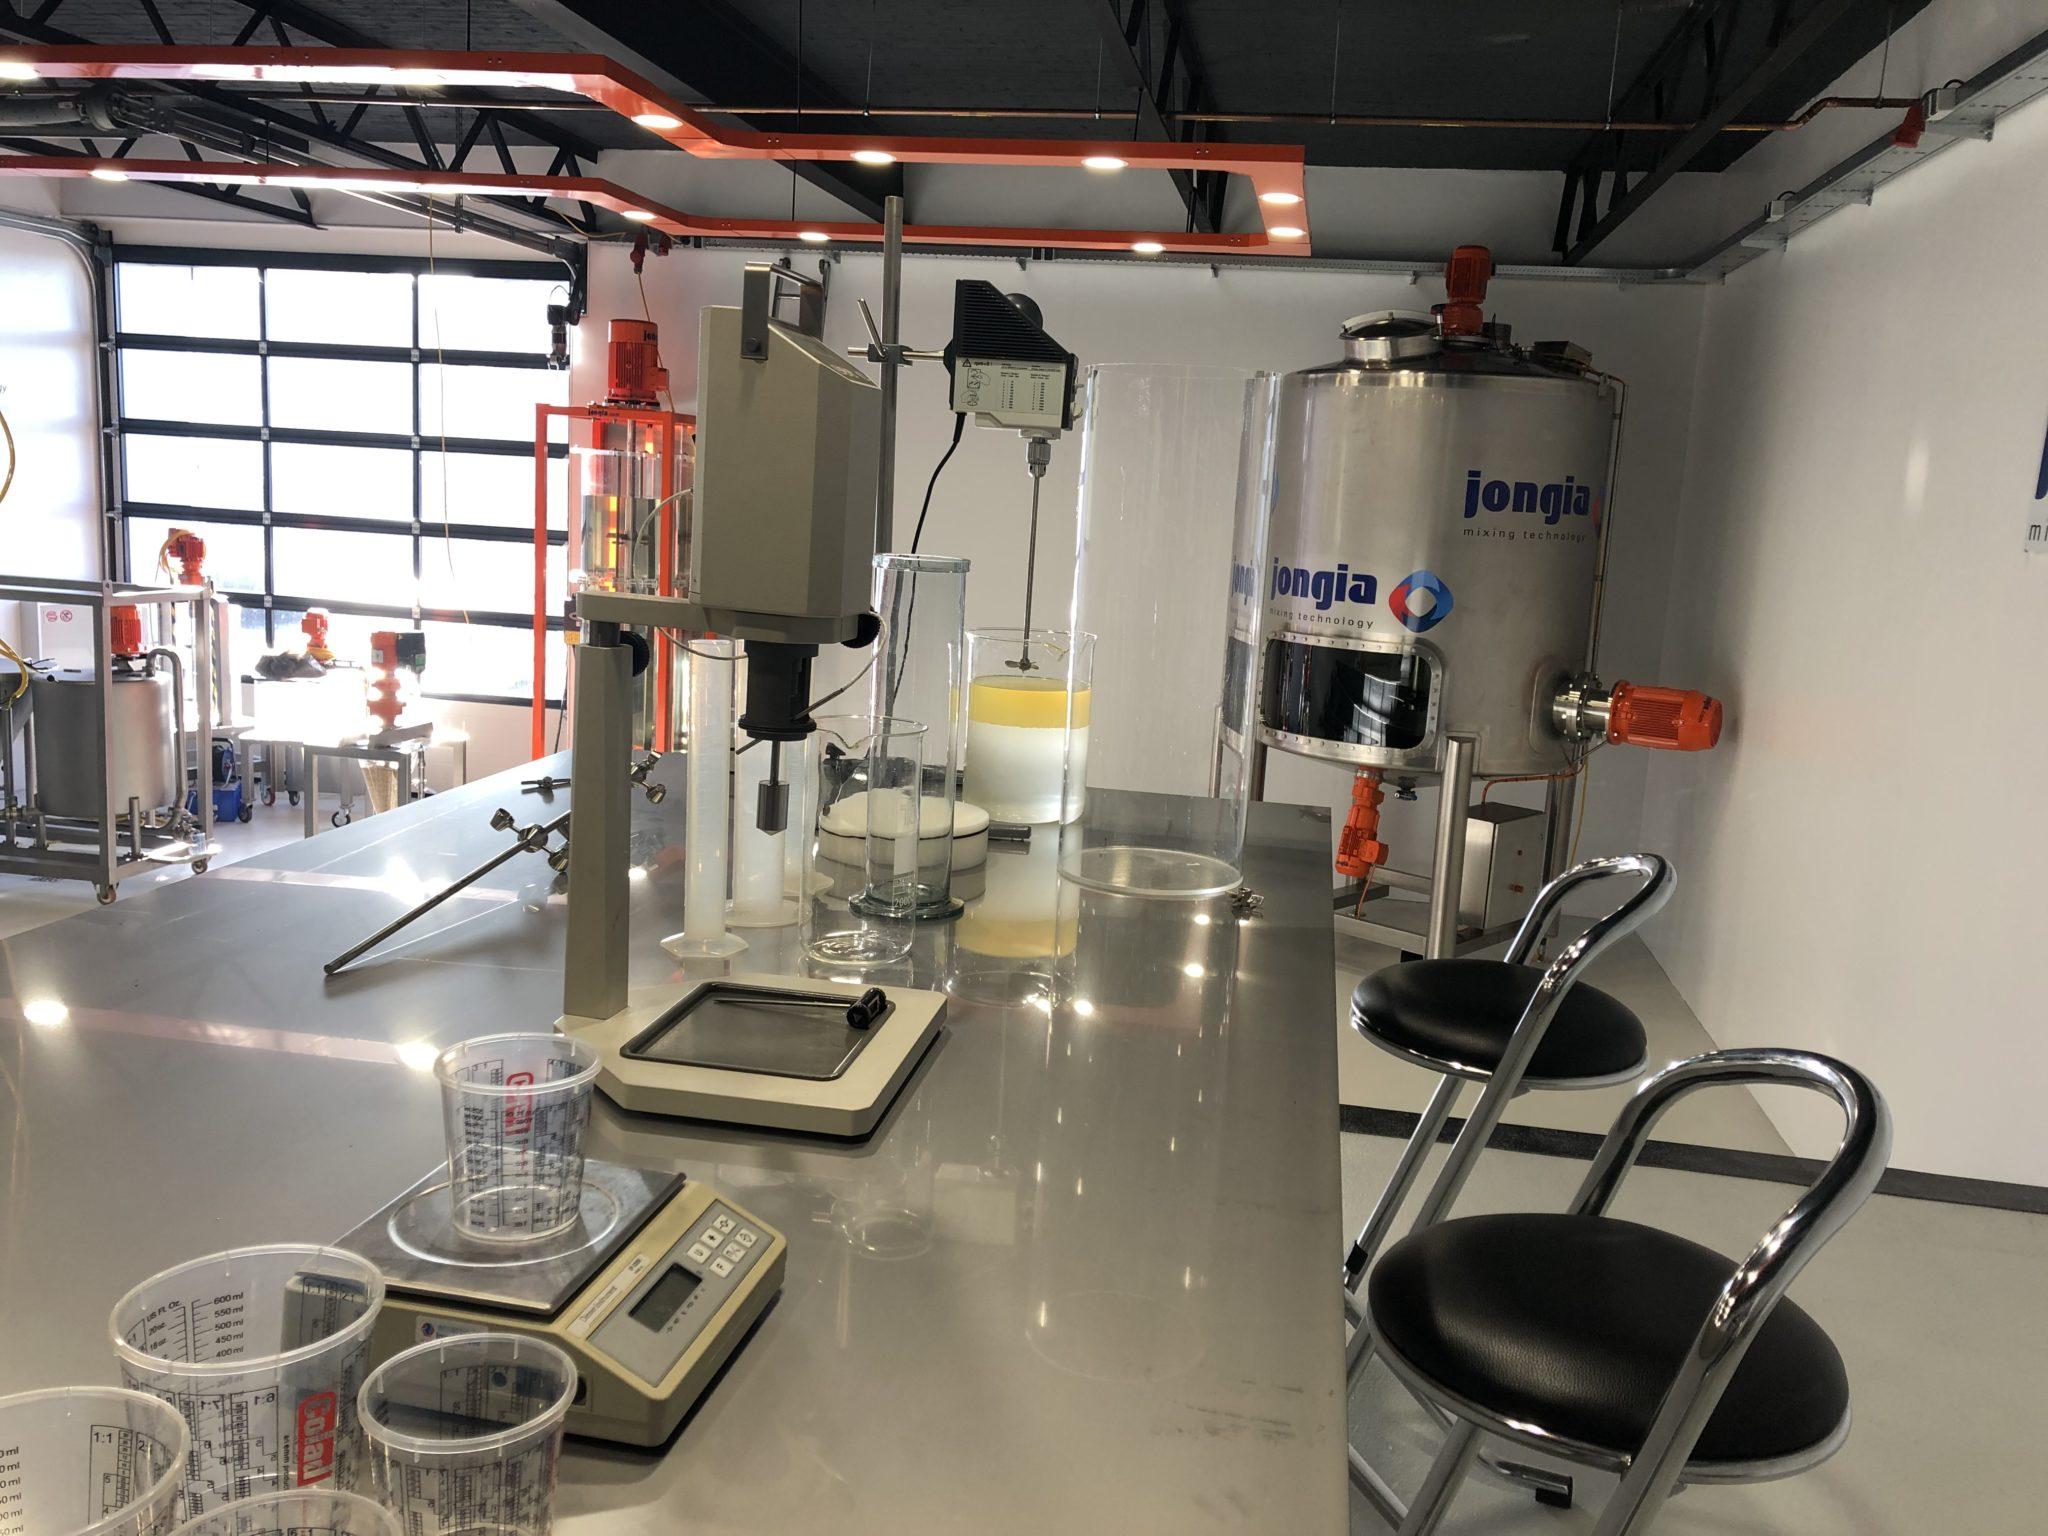 Het Technology Center van Jongia in Leeuwarden